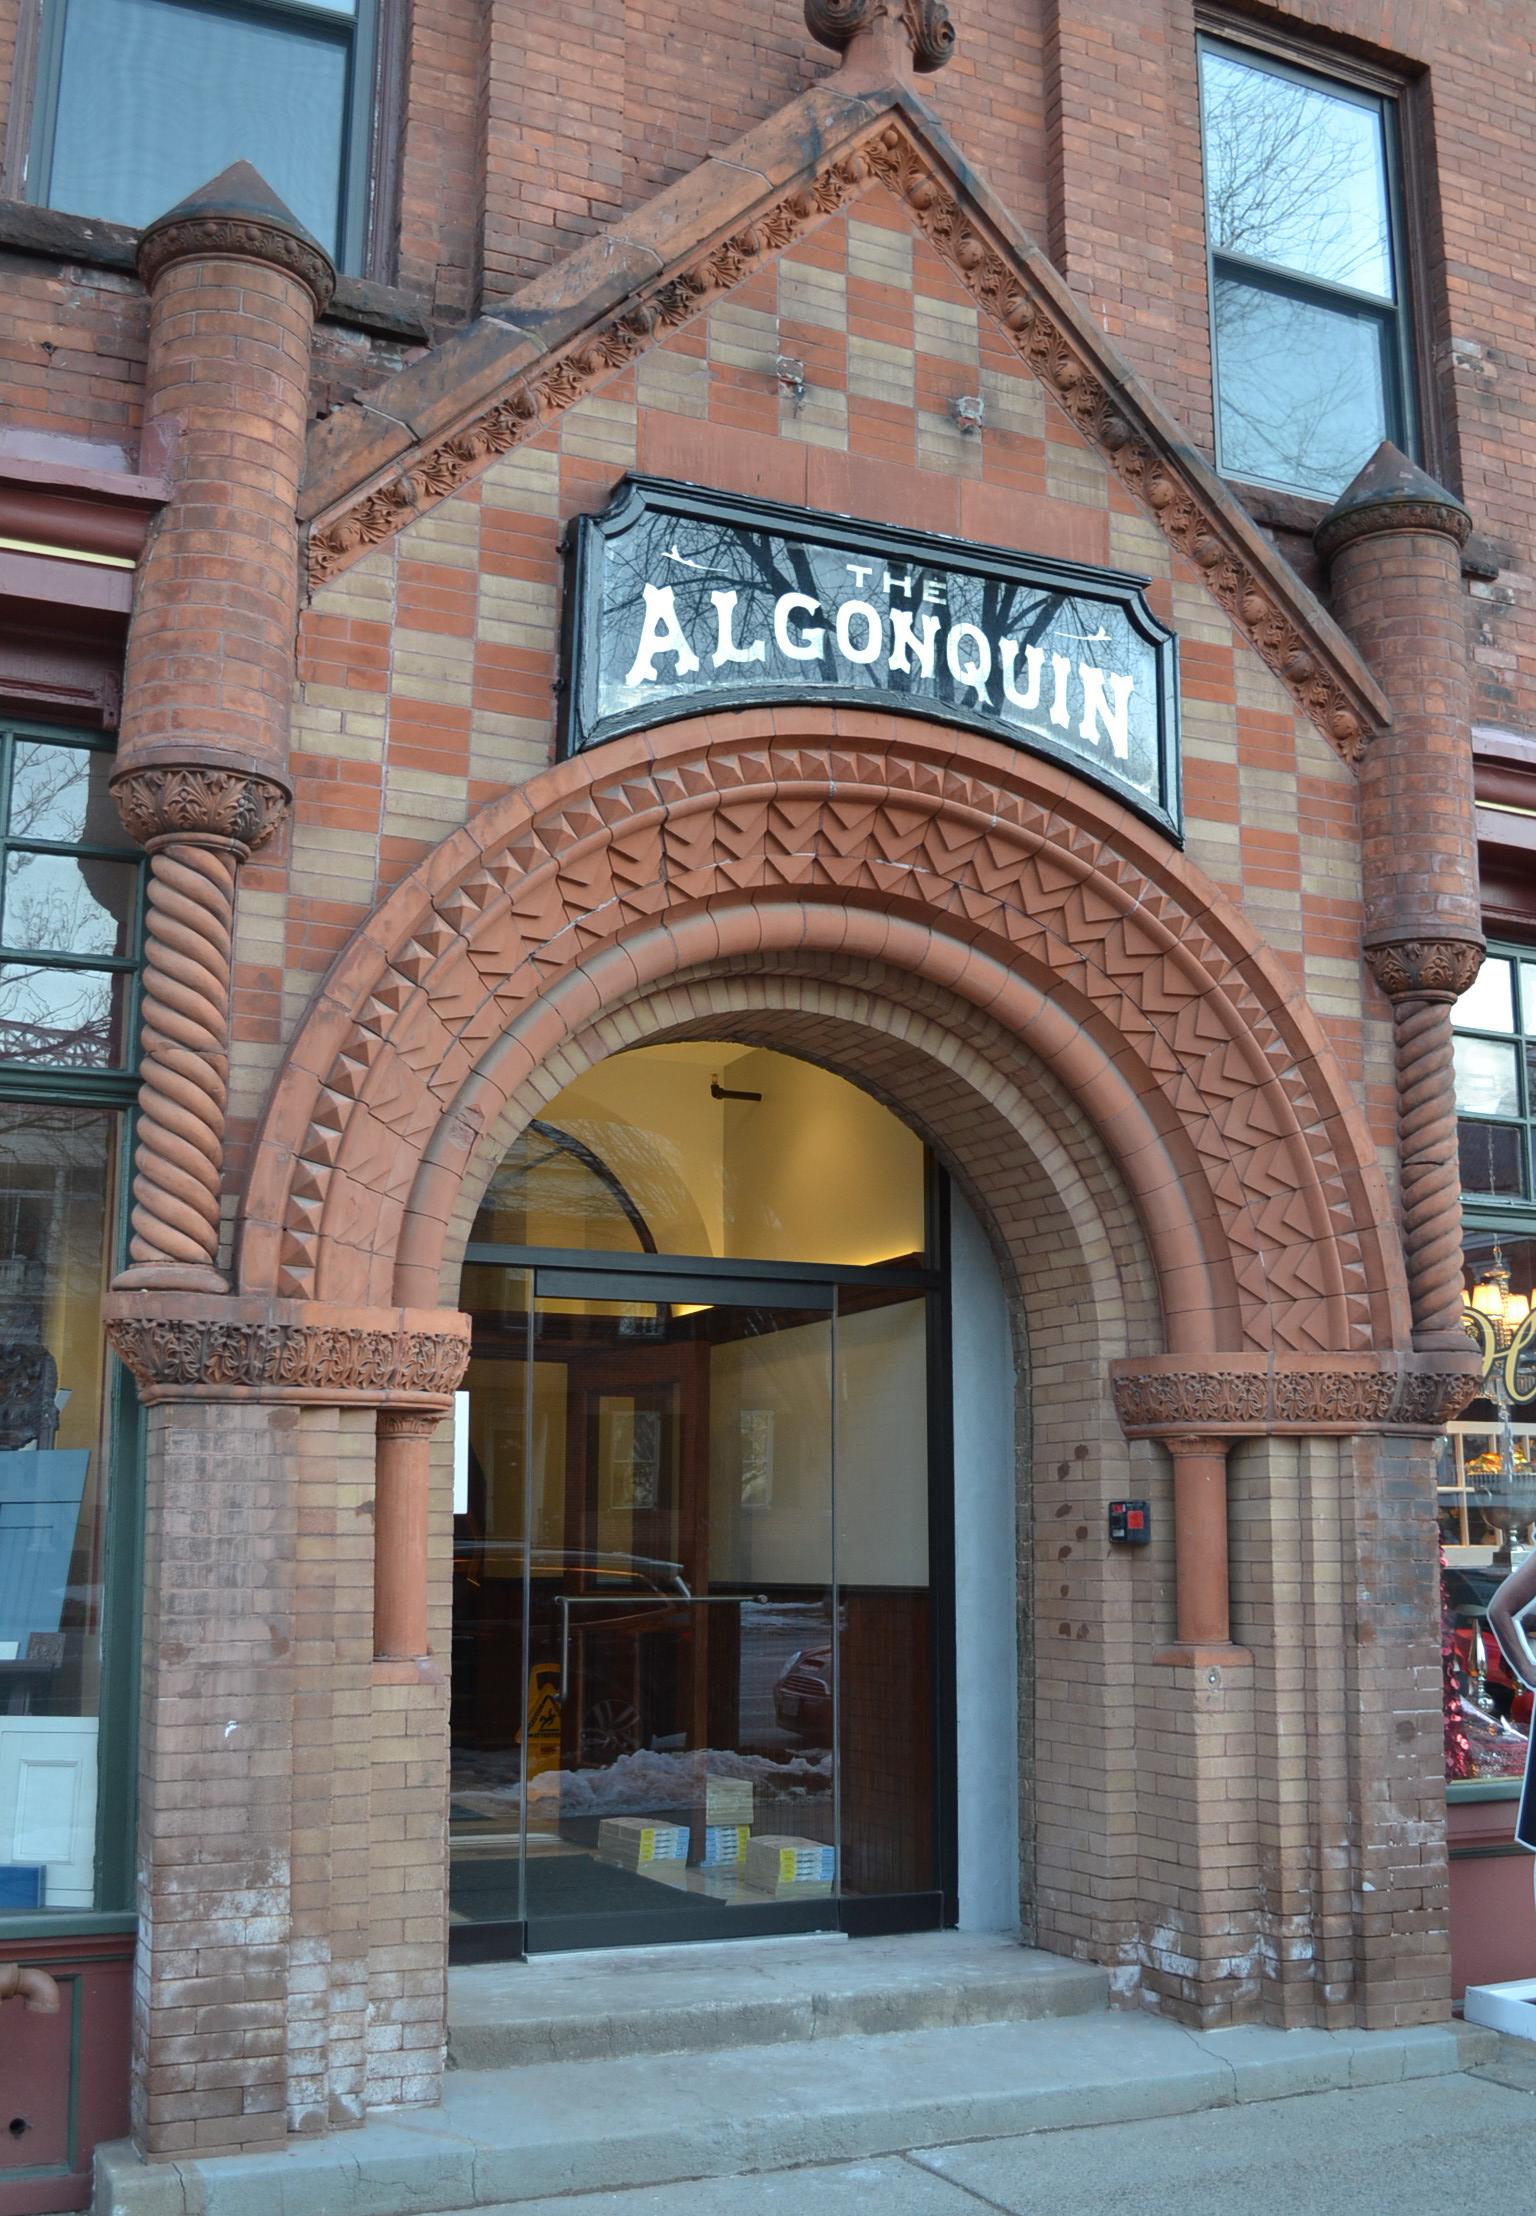 The Algonquin - Saratoga springs, NYHousingClient: The Algonquin Building LLCBuilt: 1892Project Costs: $9 millionHTC equity: $3 million